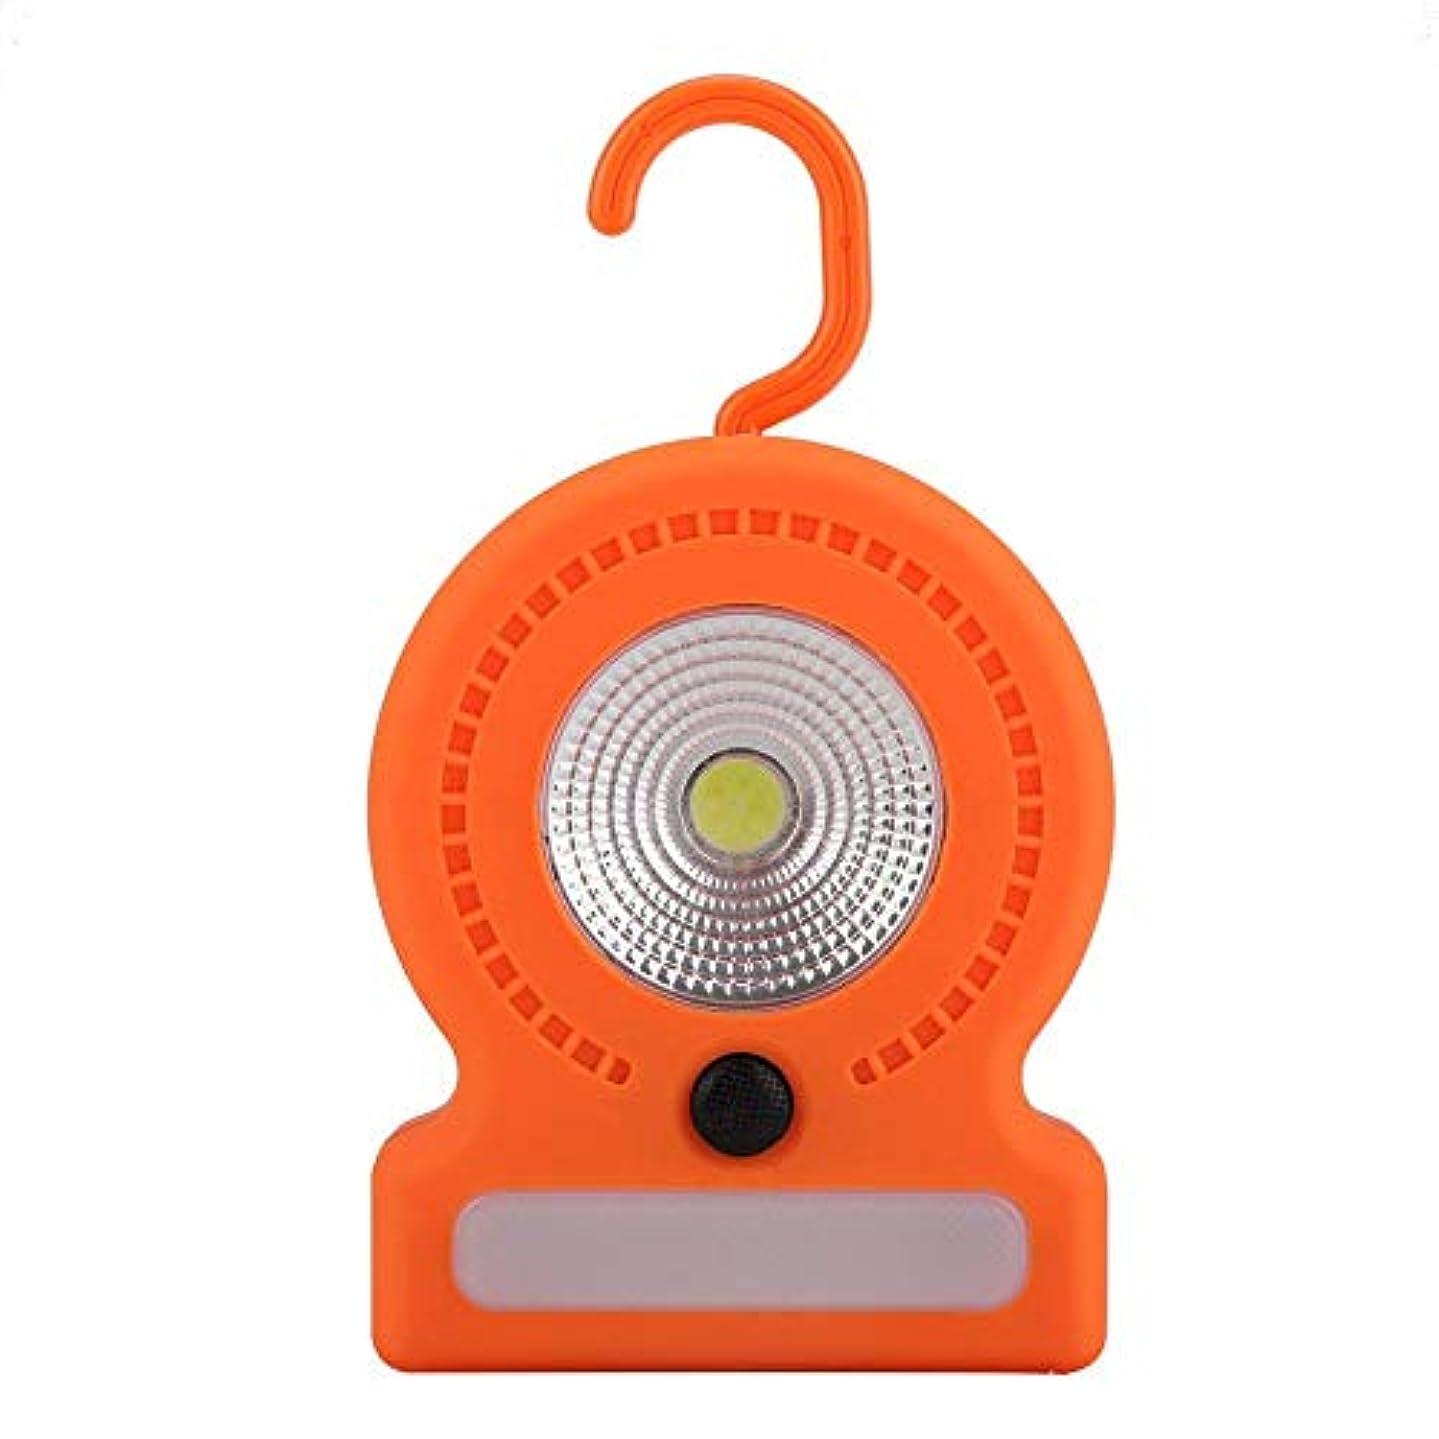 休日力学唯物論キャンプライト LED ランタン 電池式 耐久性 COBライト 小型 防水 キャンプ アウトドアに最適